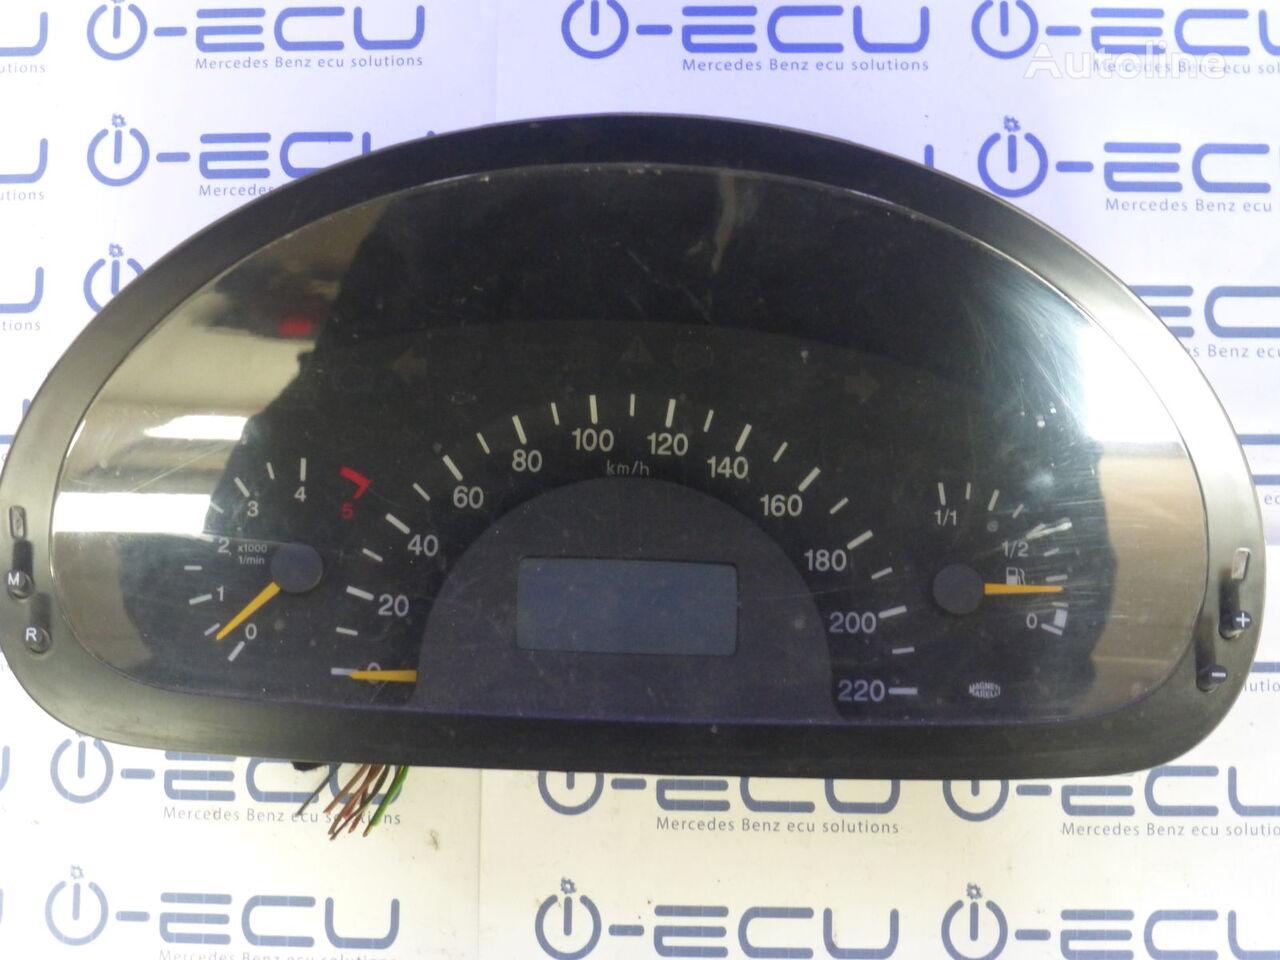 MAGNETI MARELLI (INS A 6394460121) dashboard for MERCEDES-BENZ VITO 639 automobile